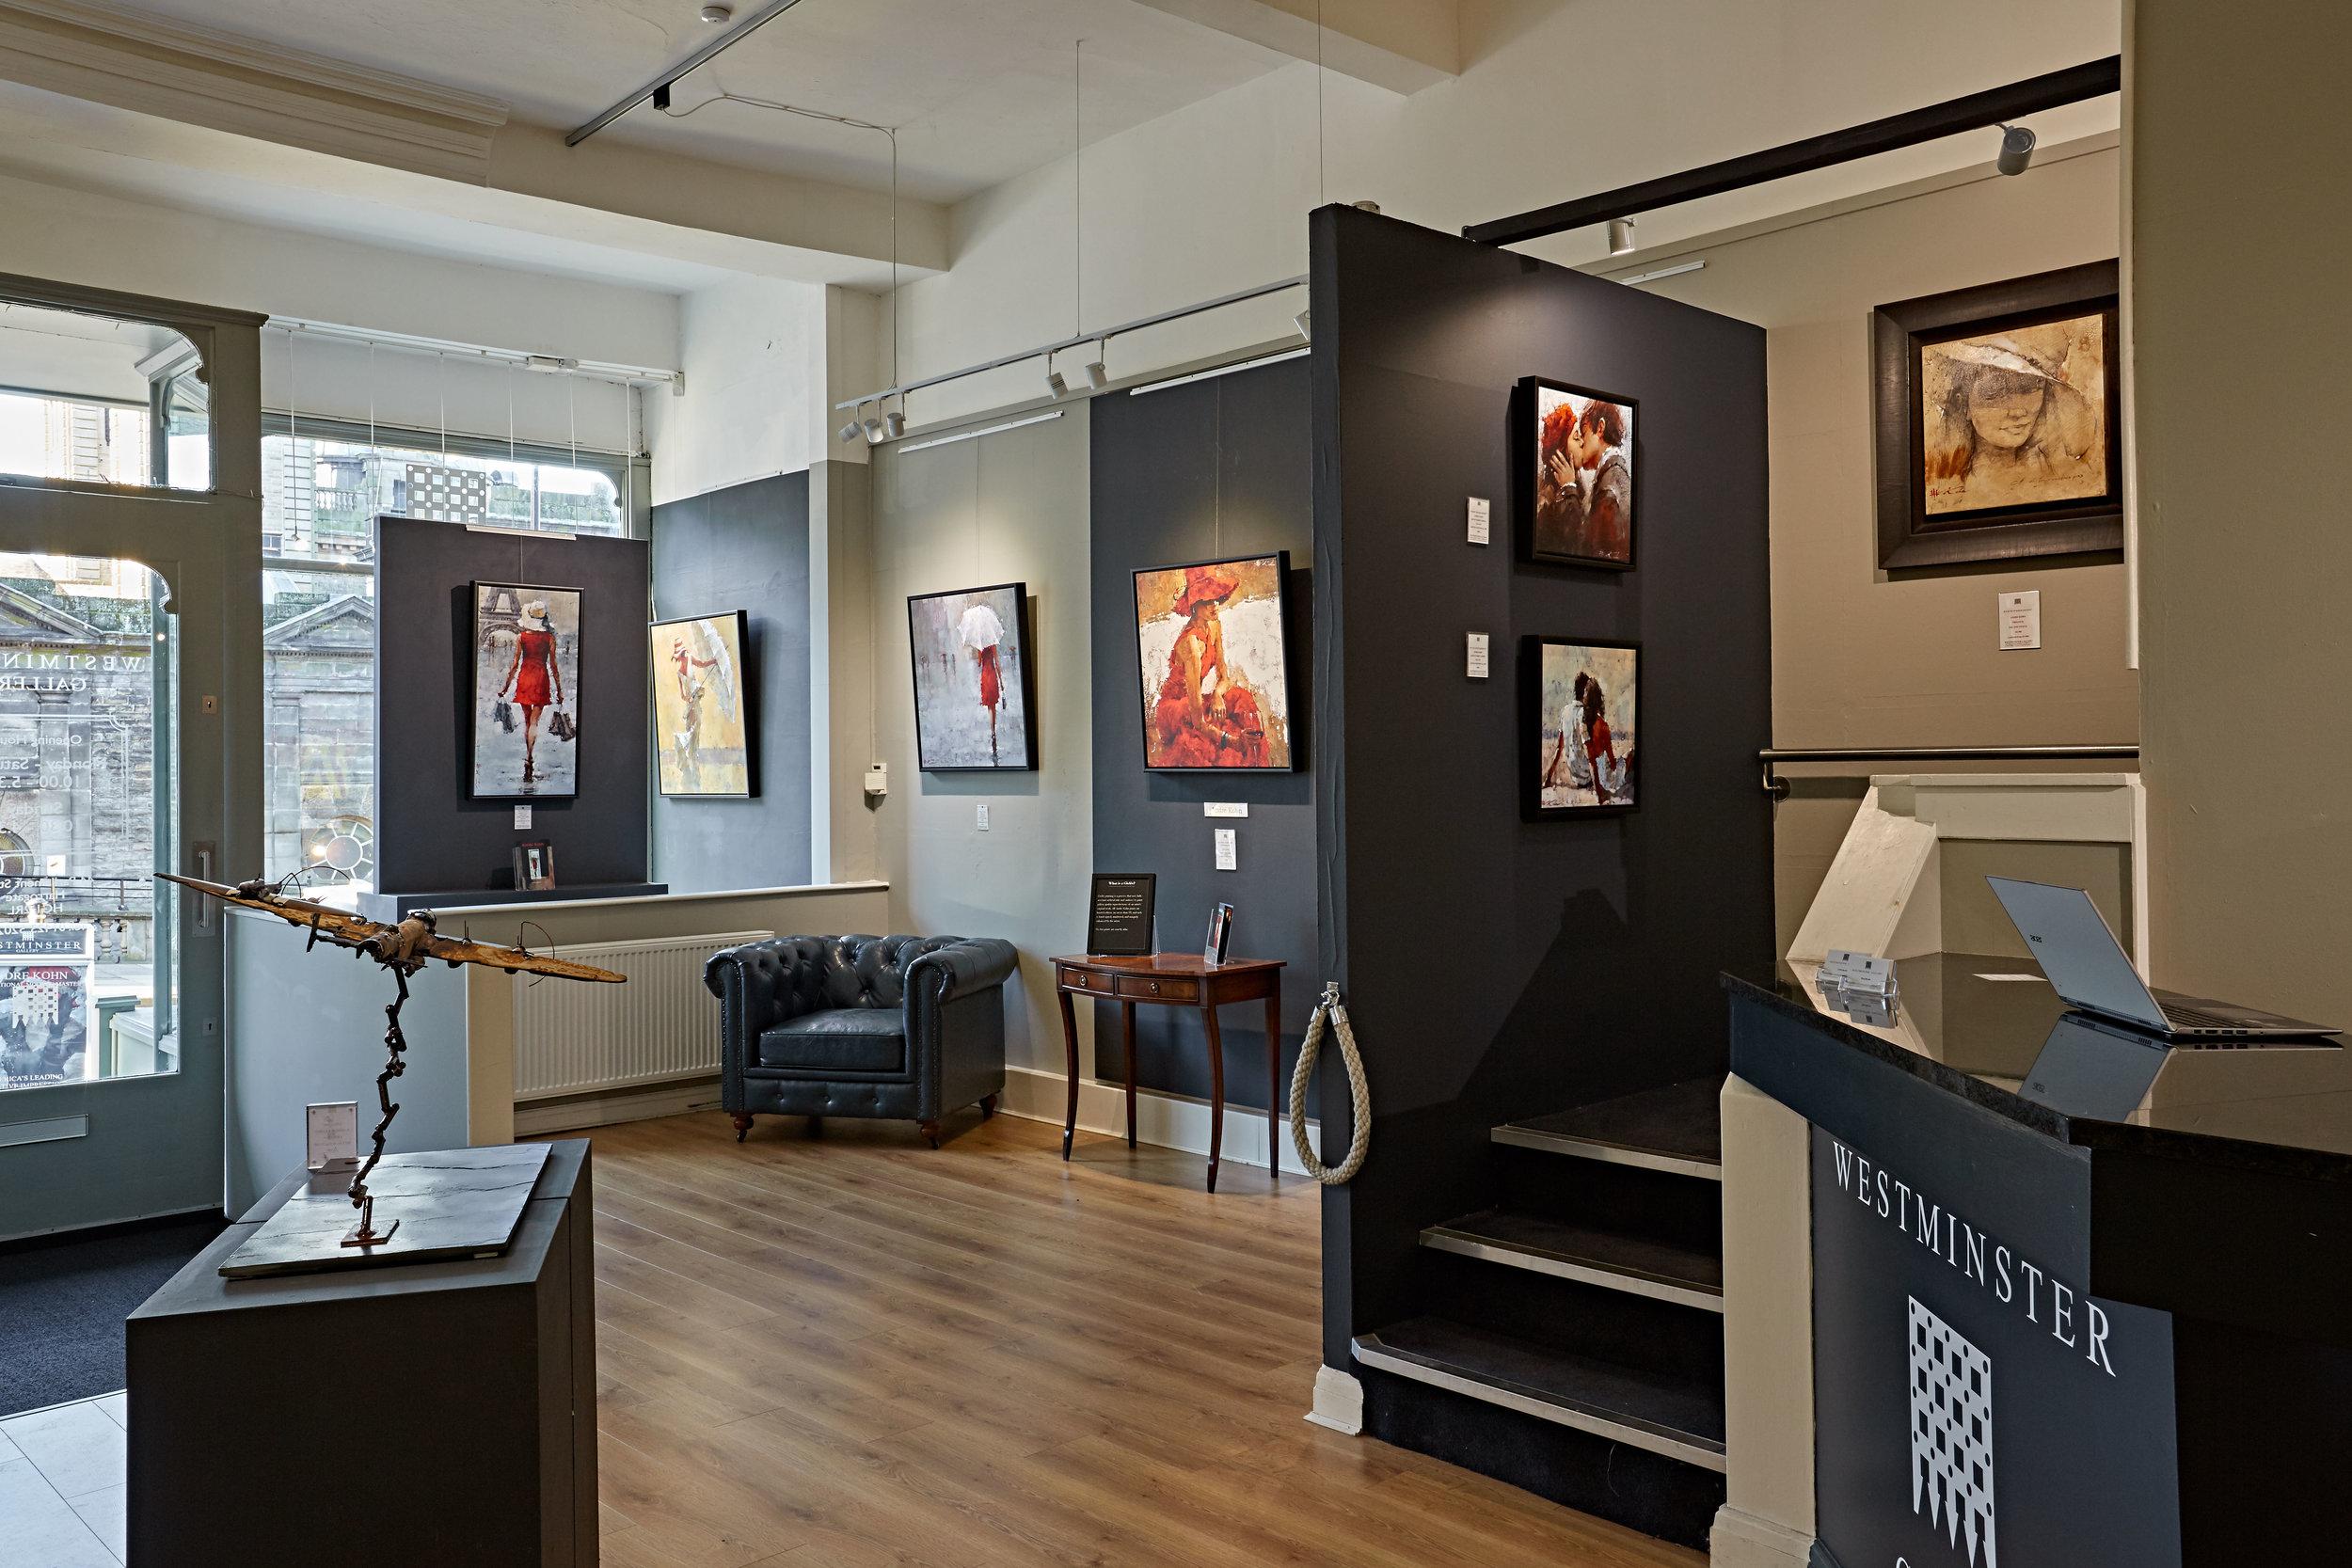 10. Westminster Gallery25054.jpg